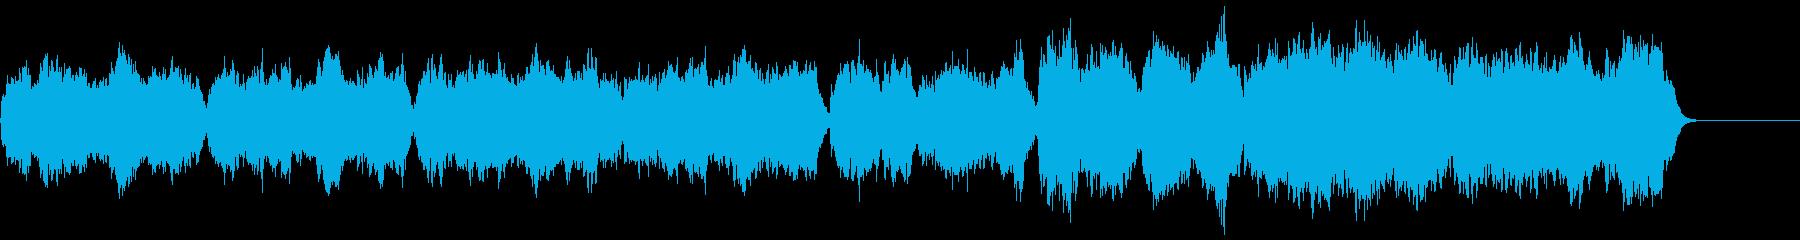 バロック編成の約1分のオリジナル曲の再生済みの波形